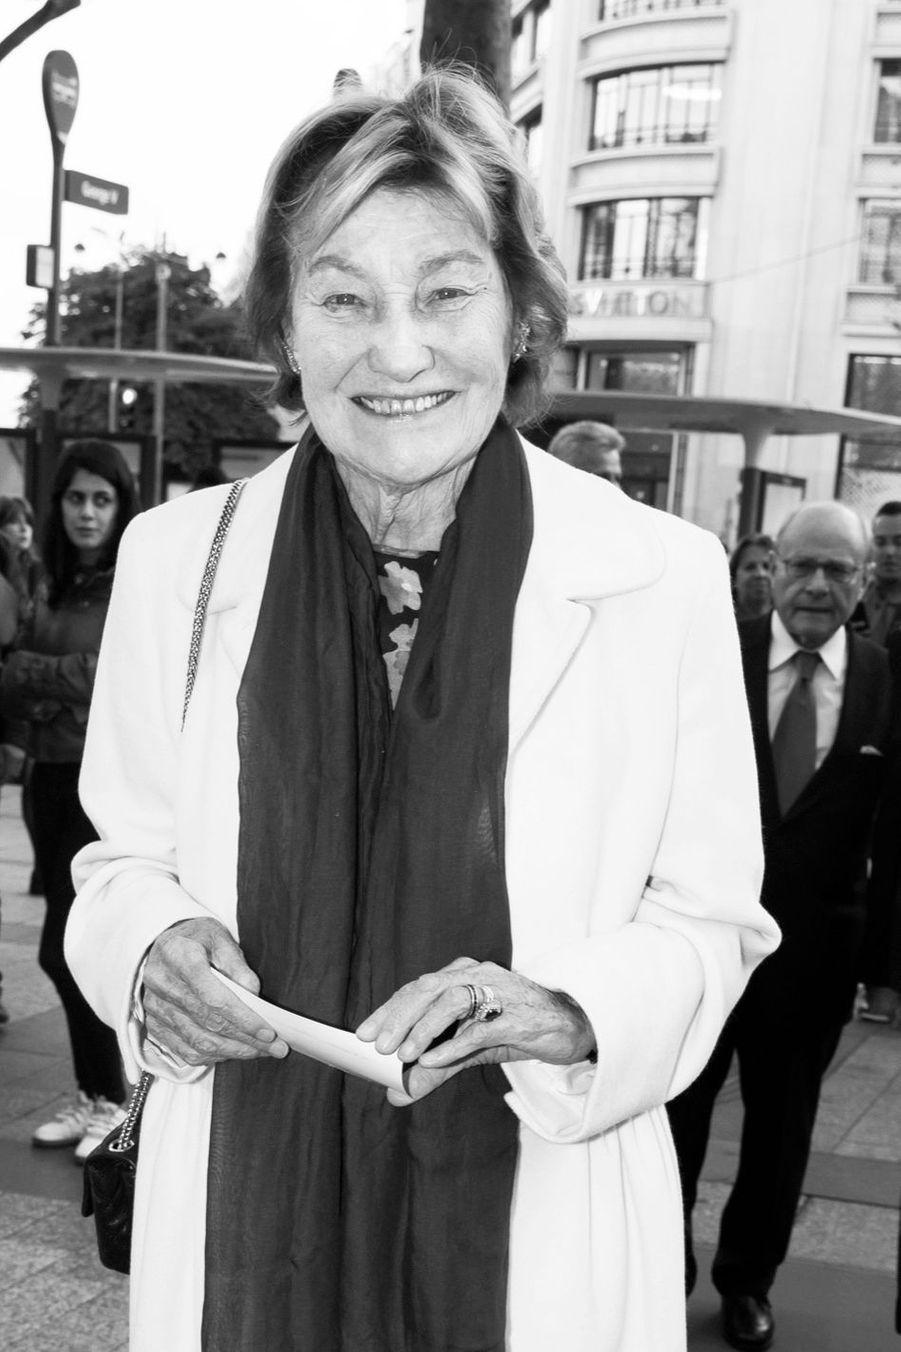 MARISA BRUNI TEDESHI